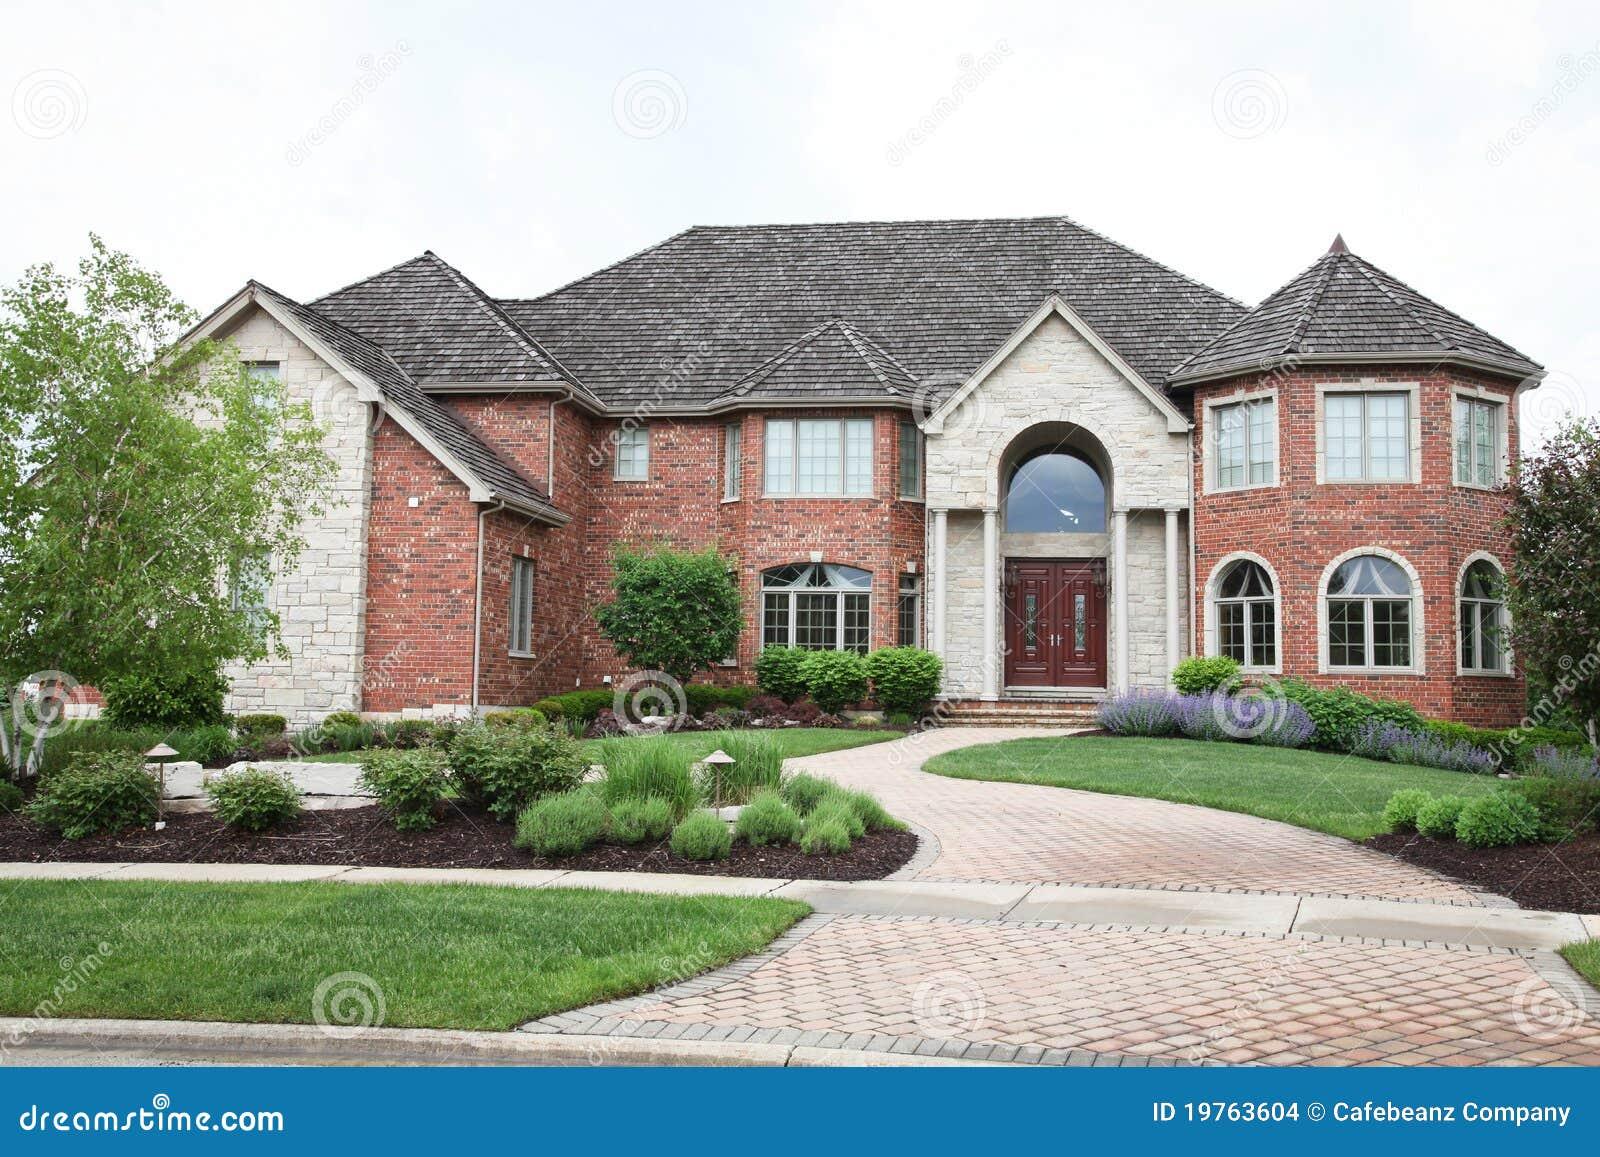 Luxury Brick House Stock Images Image 19763604